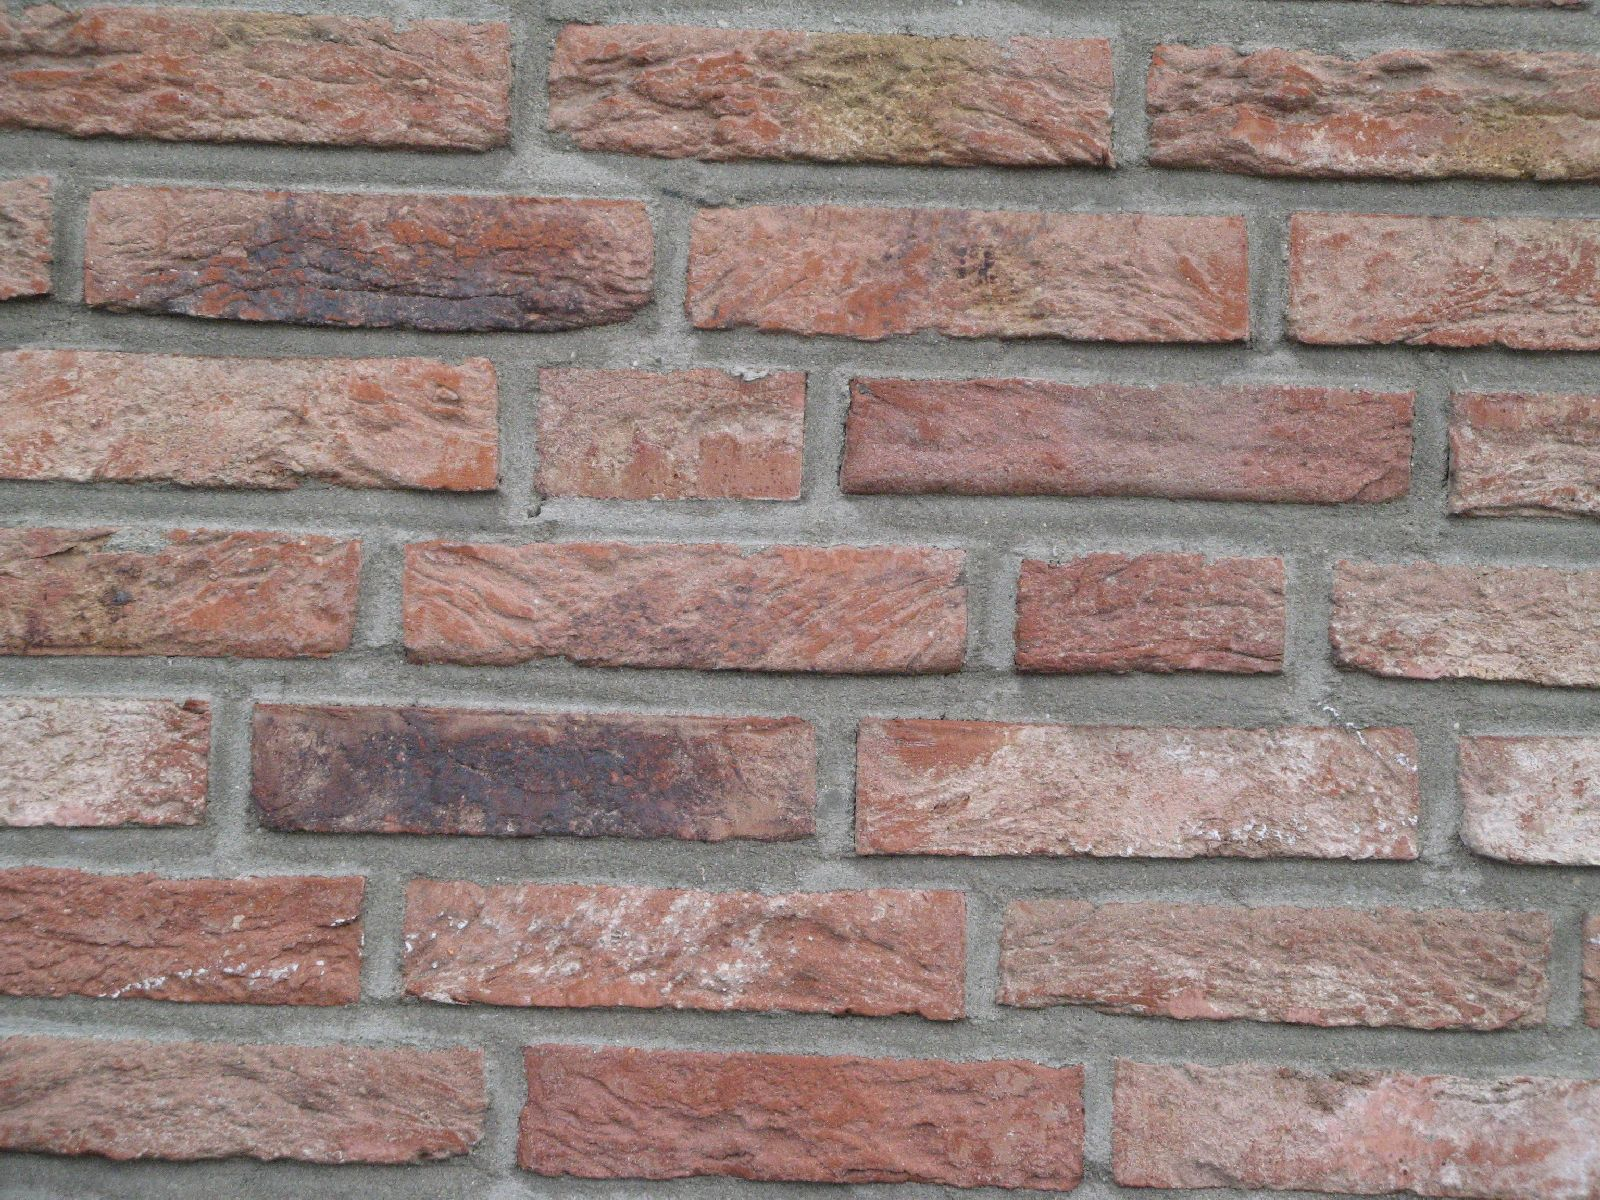 Wand-Mauerwerk-Backstein_Textur_B_5843